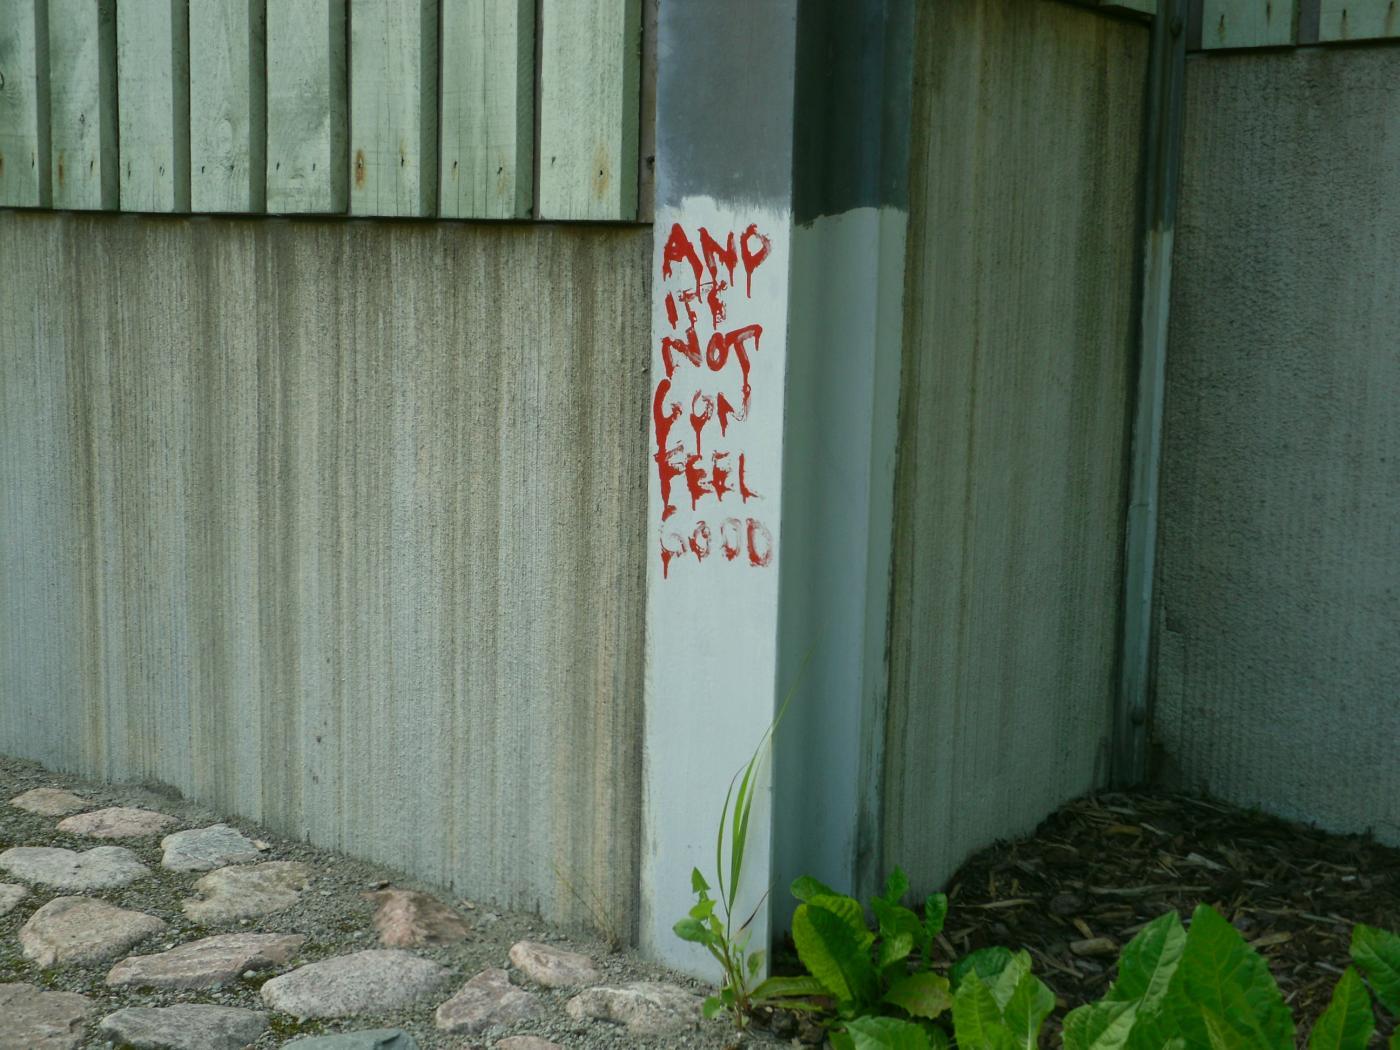 not_feel_good.jpg